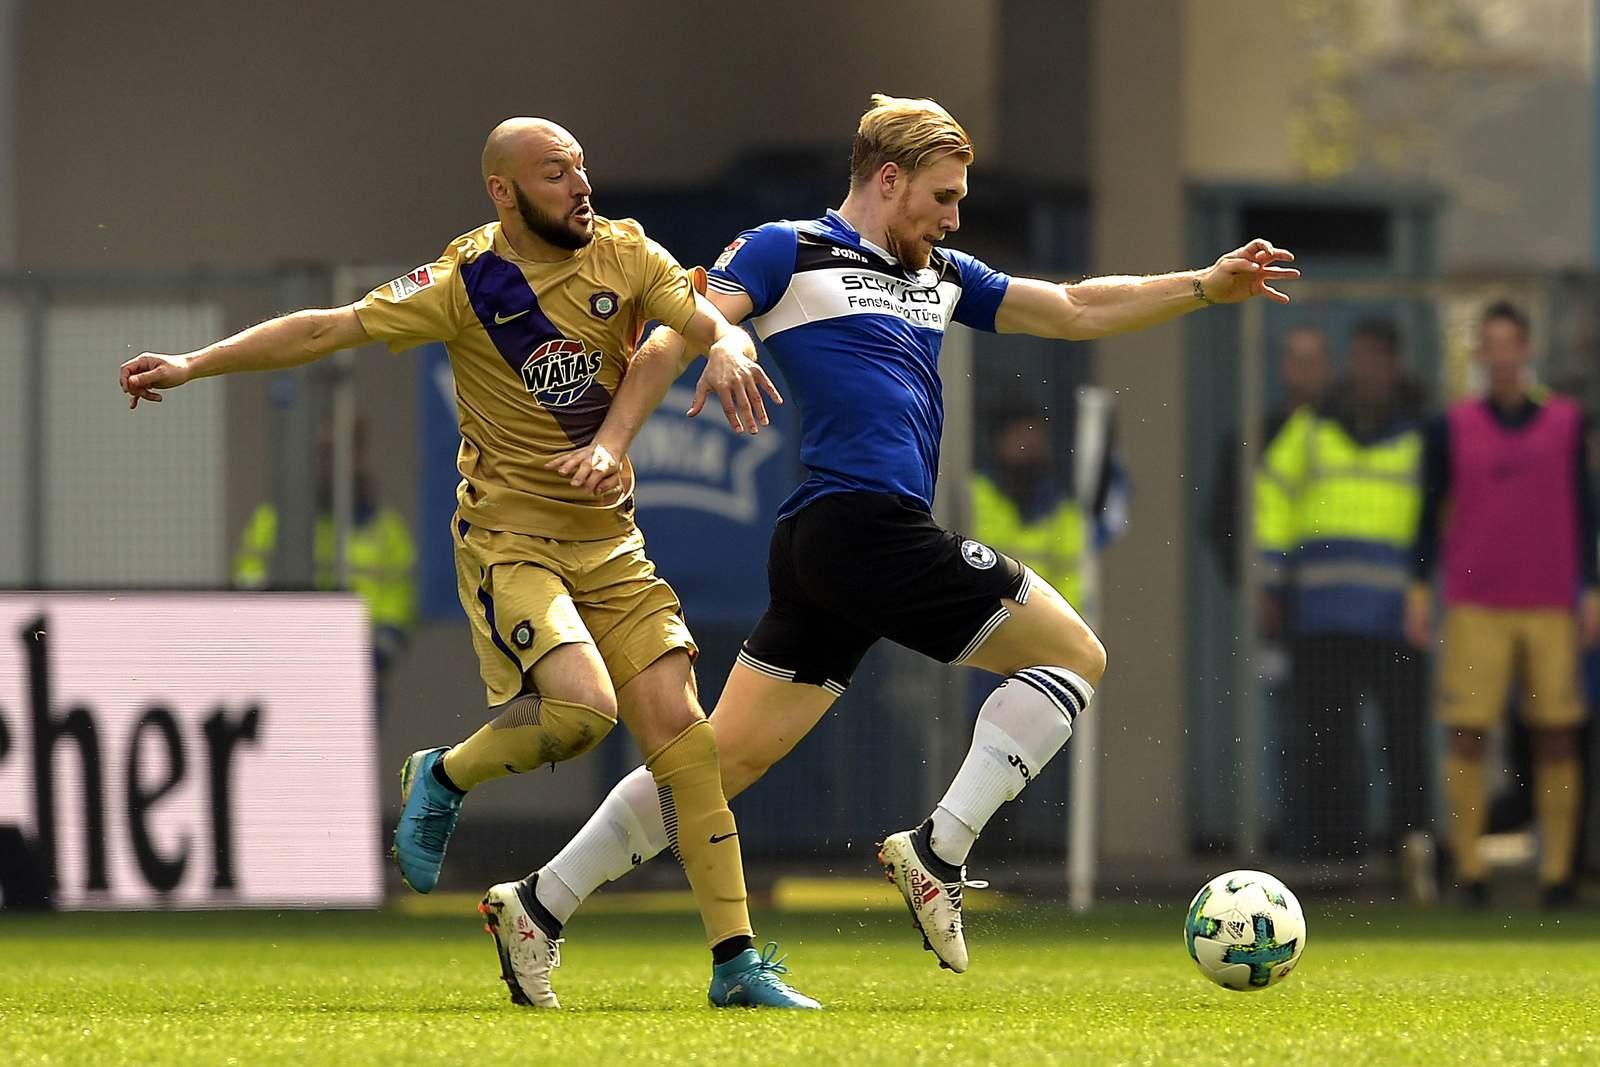 Kann Philipp Riese Andreas Voglsammer aufhalten? Jetzt auf Aue gegen Bielefeld wetten.